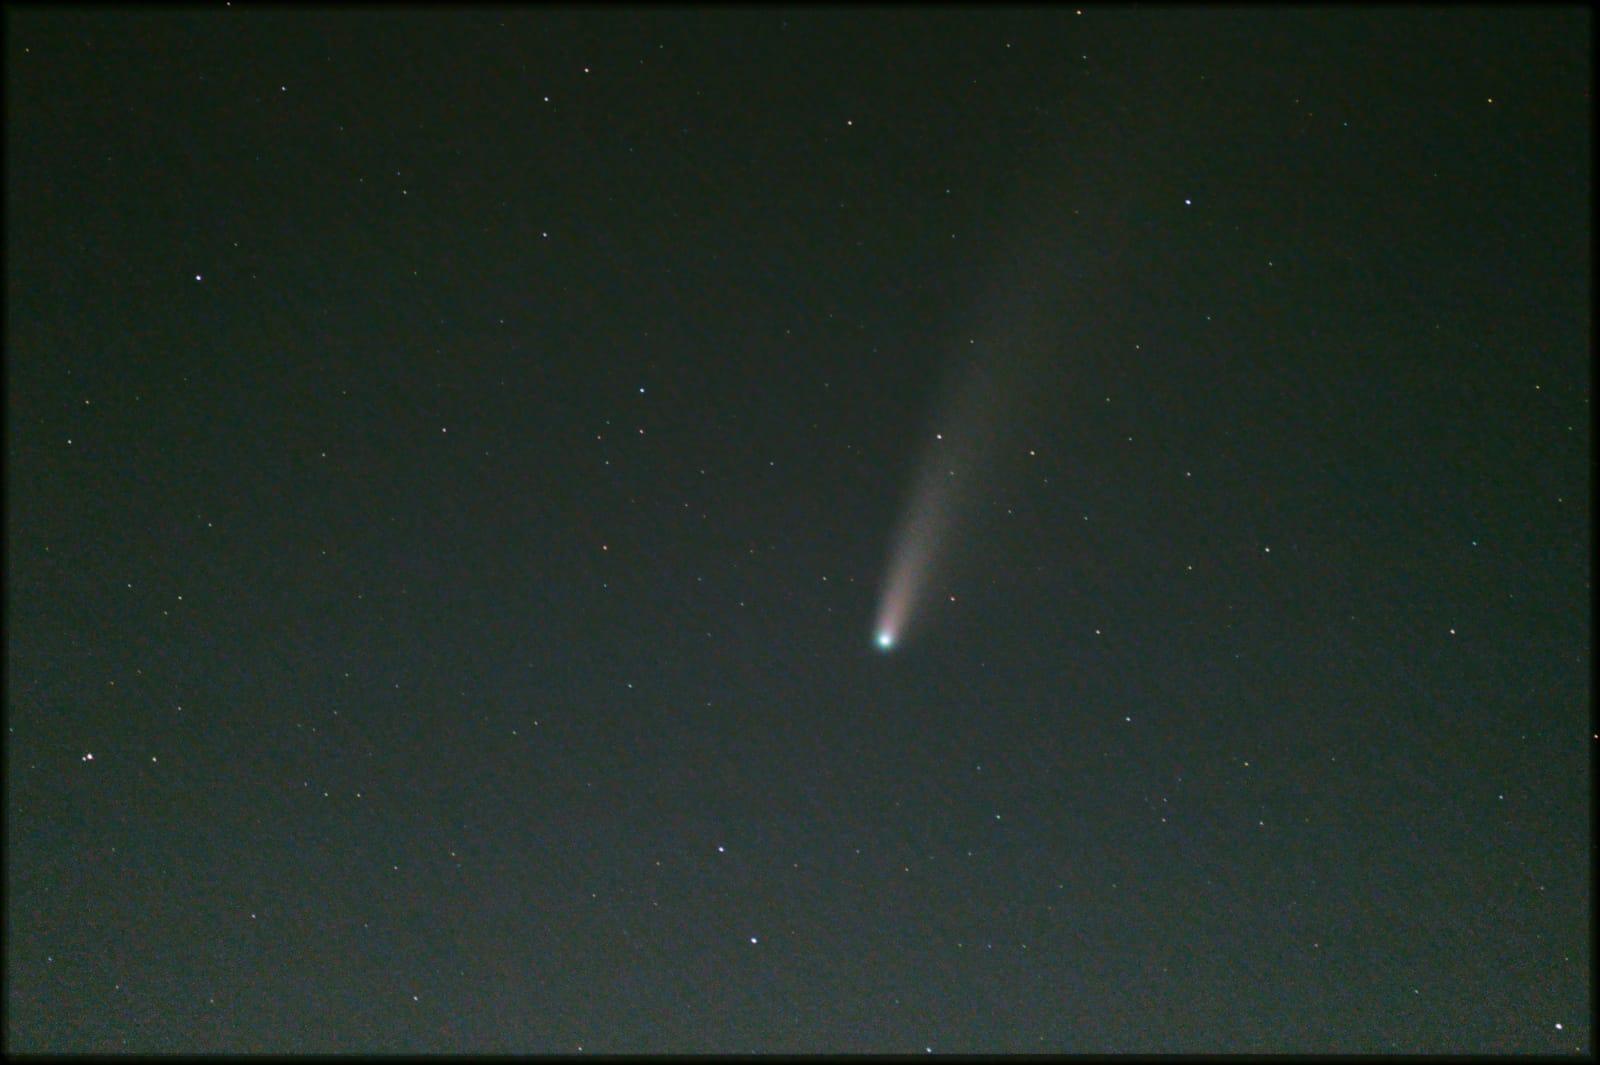 Foto della cometa ottenuta da Antonio Carotenuto la sera del 20 luglio